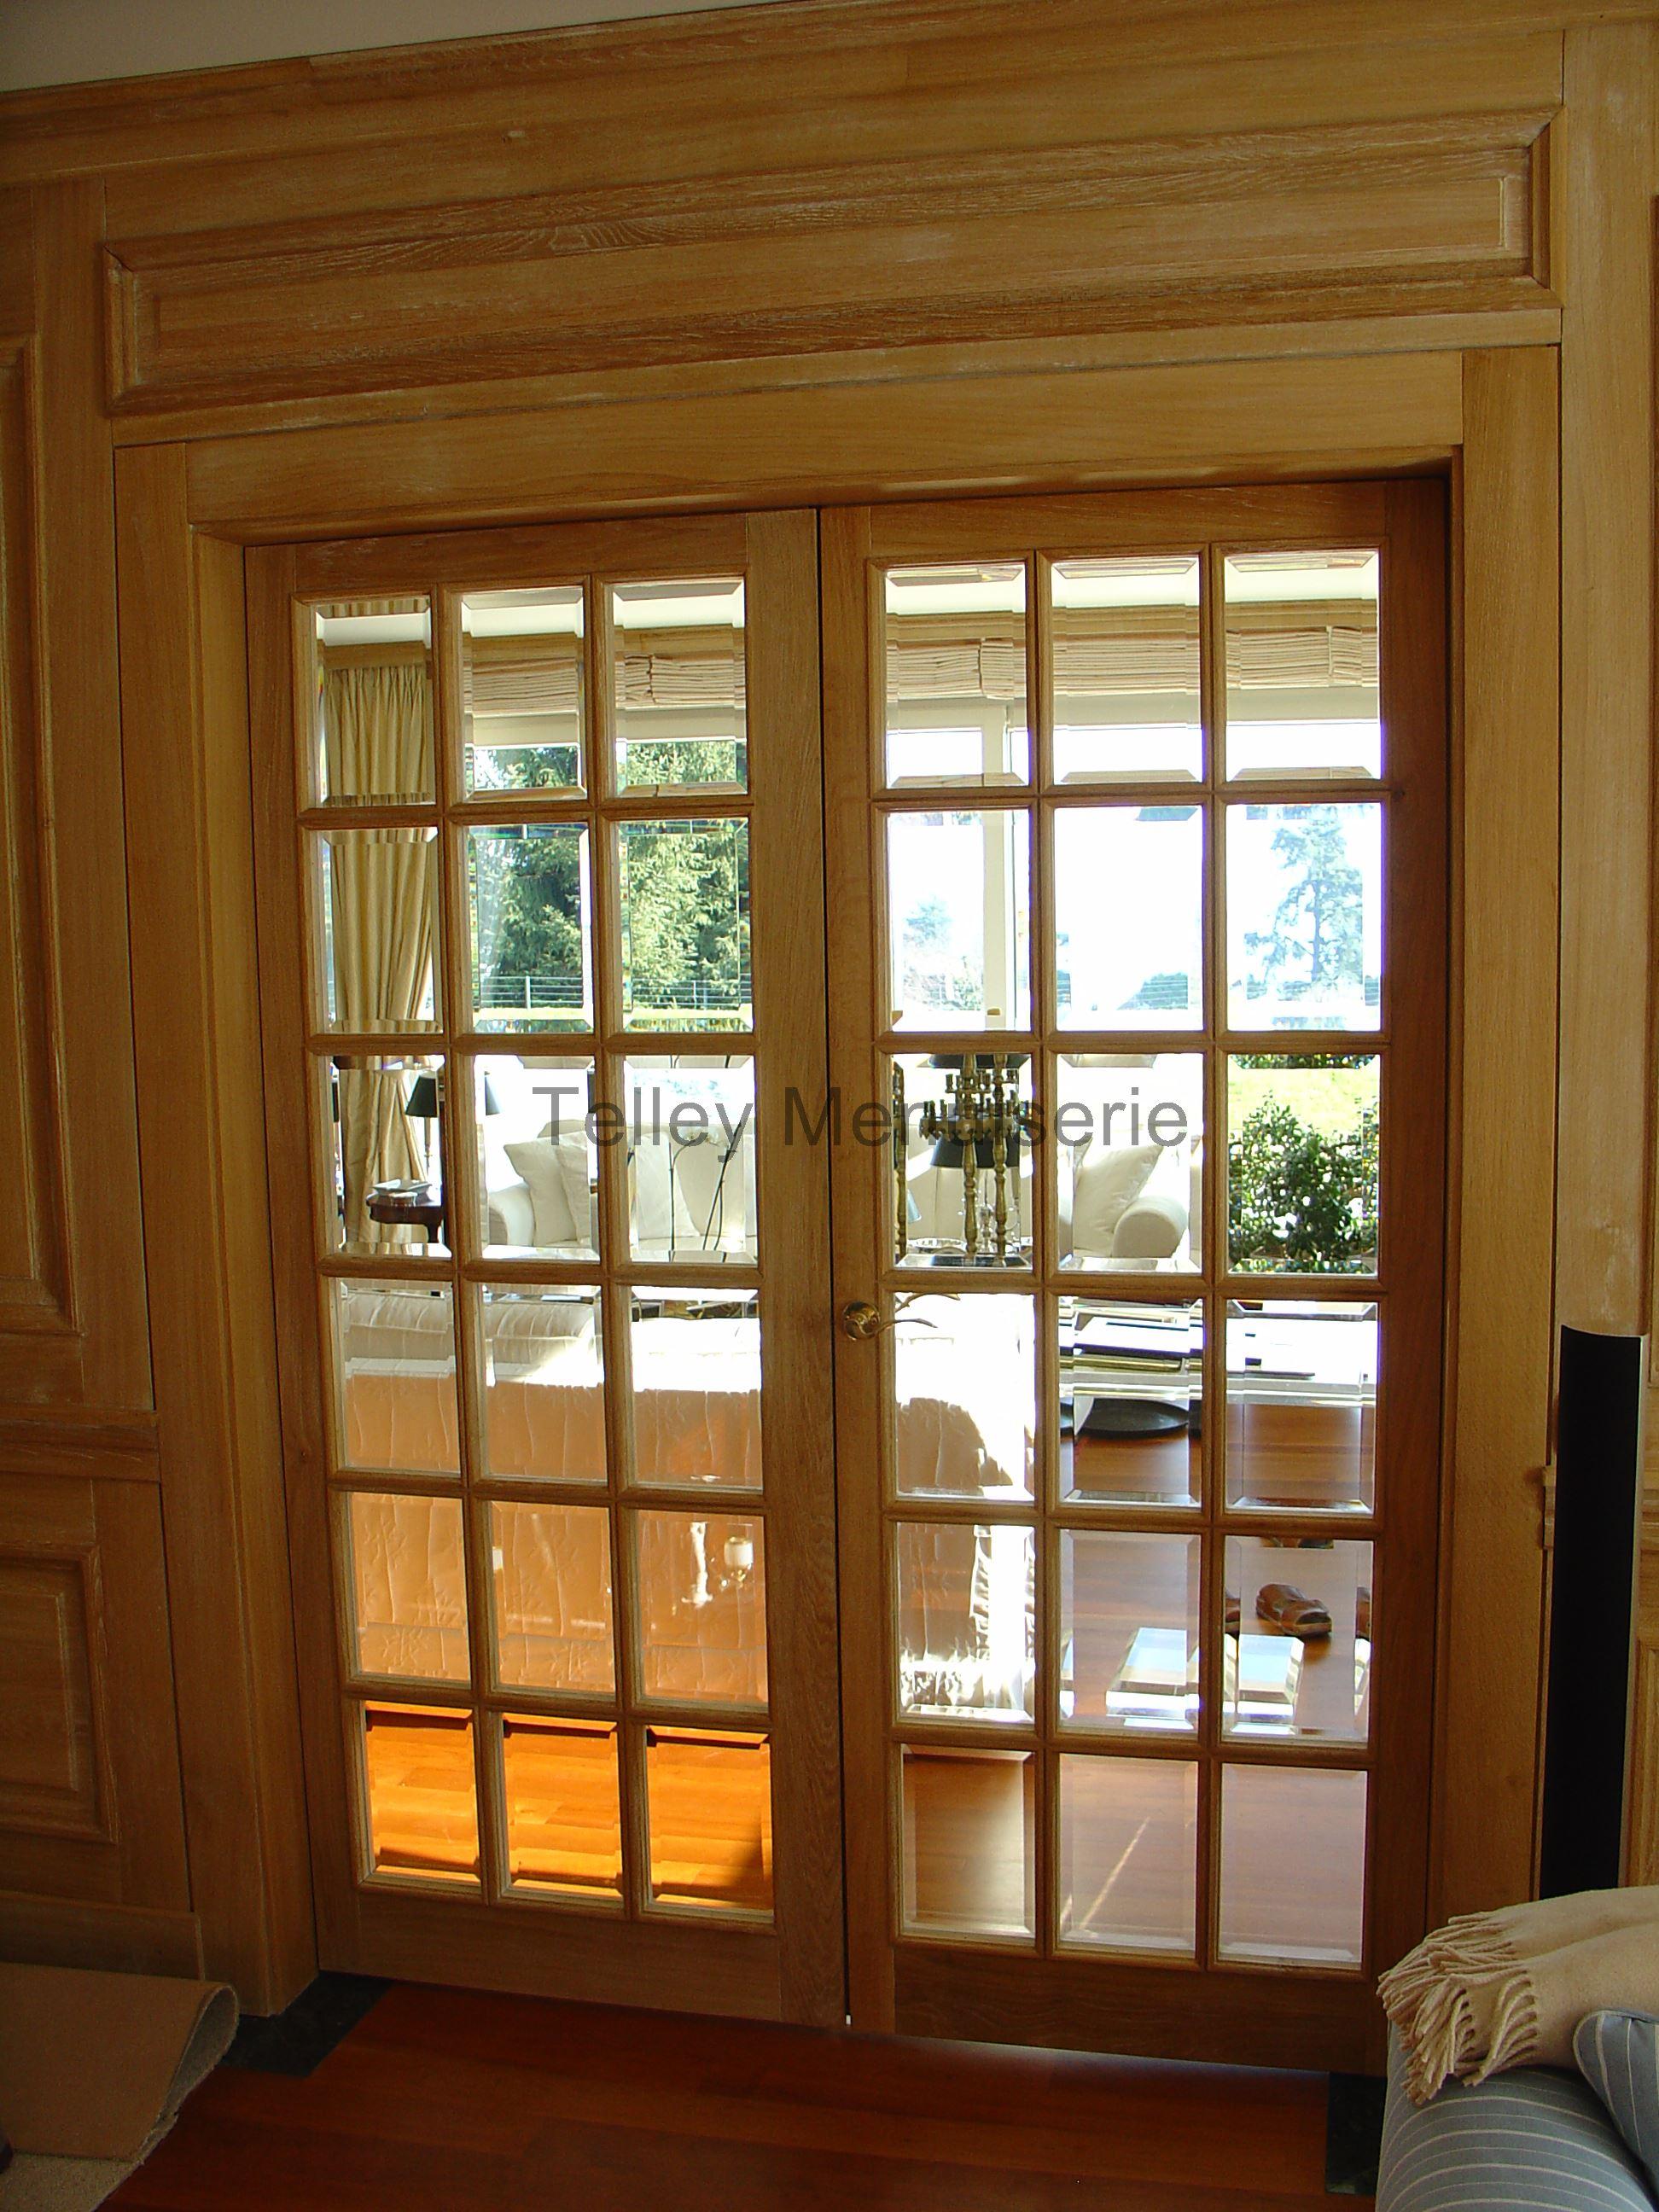 Baie Vitrée Voutée portes vitrées / en verre - my cms